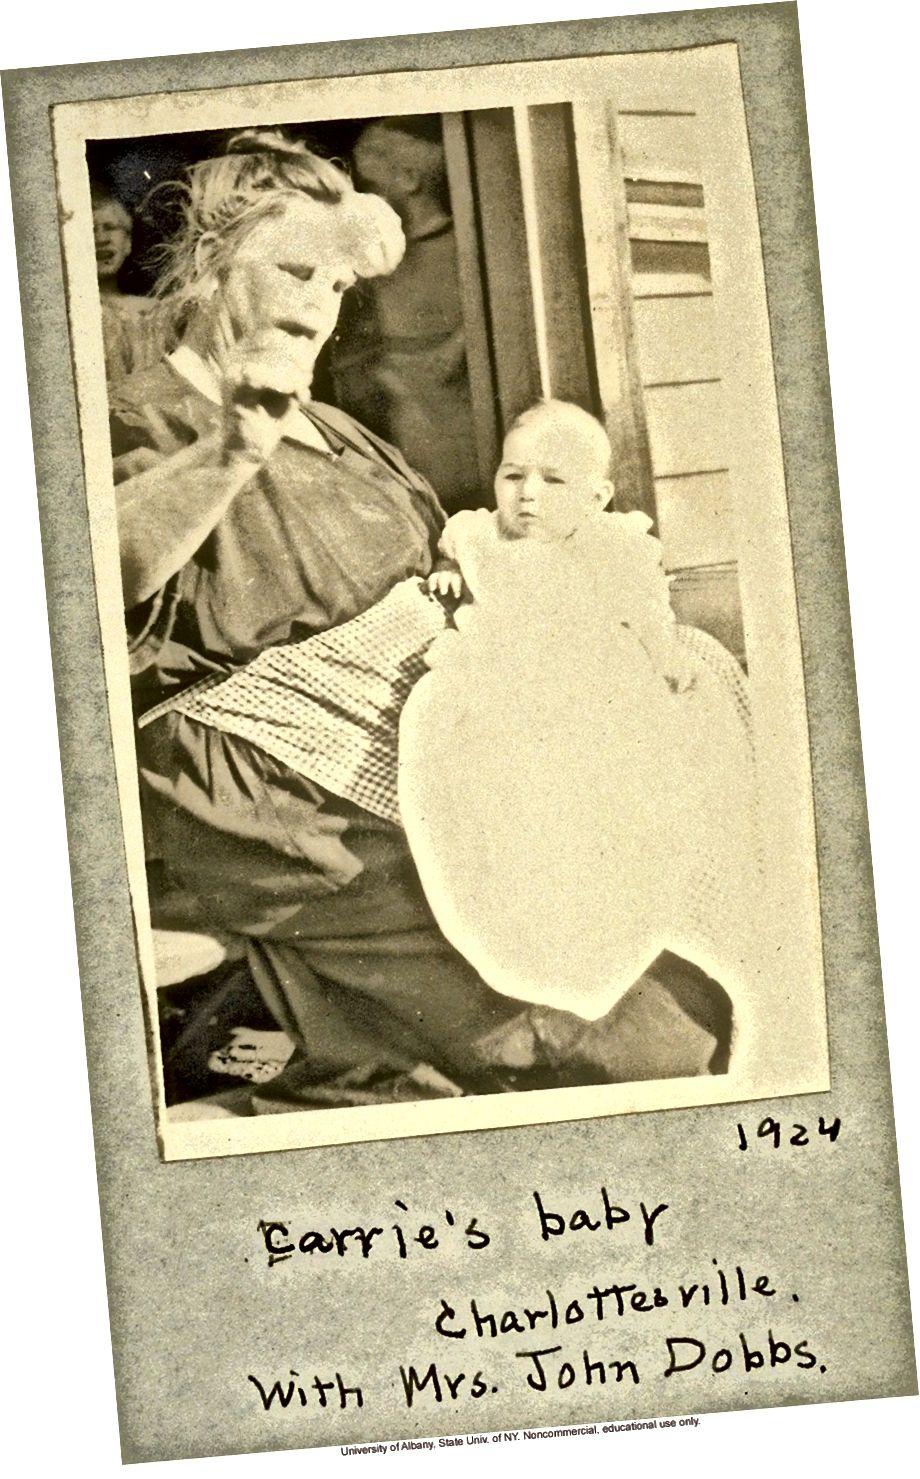 1924年頃のキャリーの娘ビビアン。8歳で里親で亡くなりました。 写真:SUNY提供/ University of Albany、SUNY